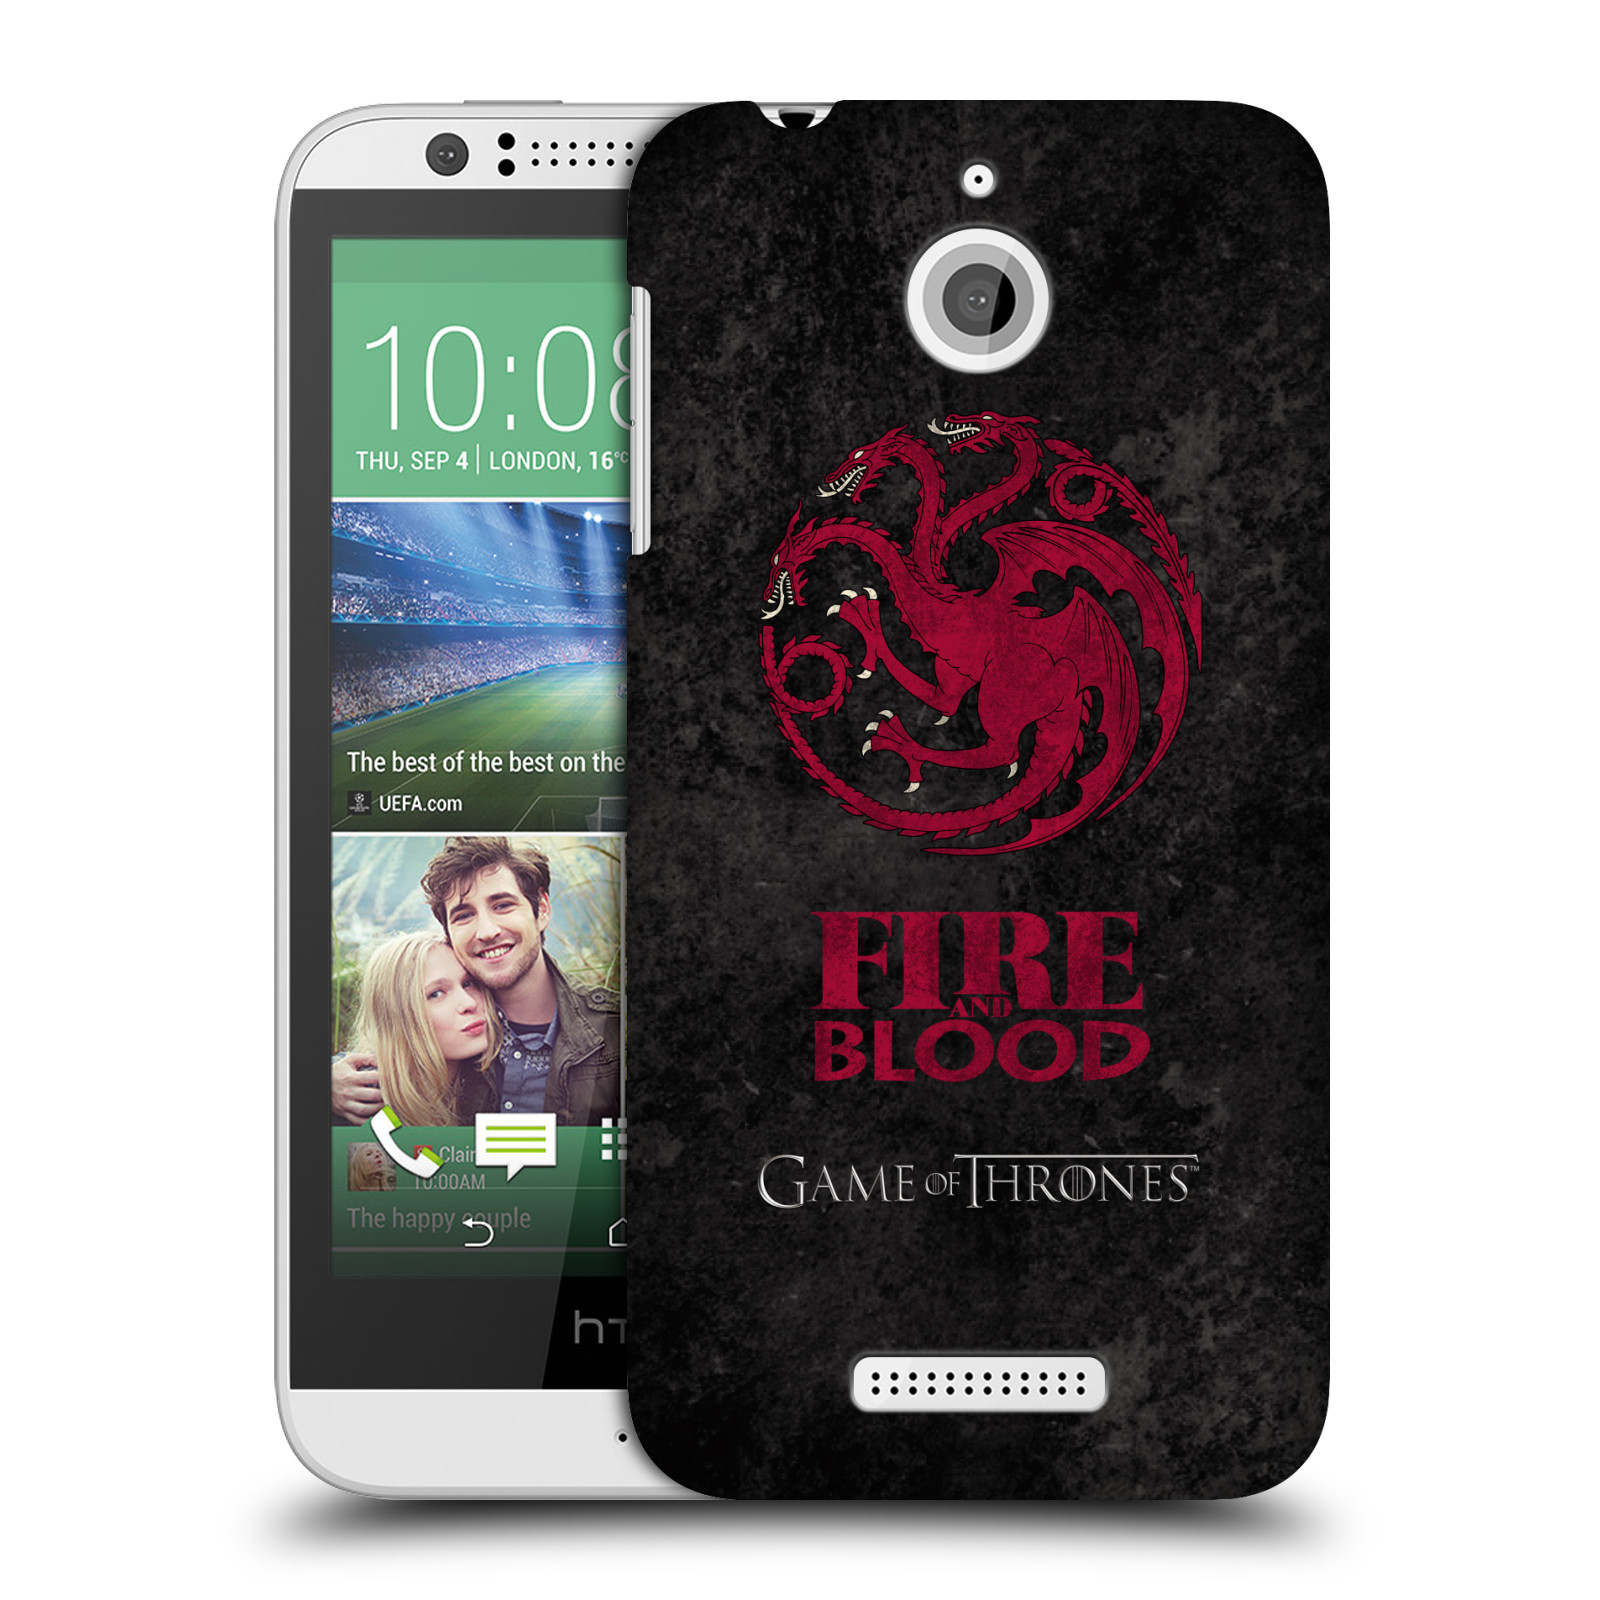 Plastové pouzdro na mobil HTC Desire 510 HEAD CASE Hra o trůny - Sigils Targaryen - Fire and Blood (Plastový kryt či obal na mobilní telefon s licencovaným motivem Hra o trůny - Game Of Thrones pro HTC Desire 510)